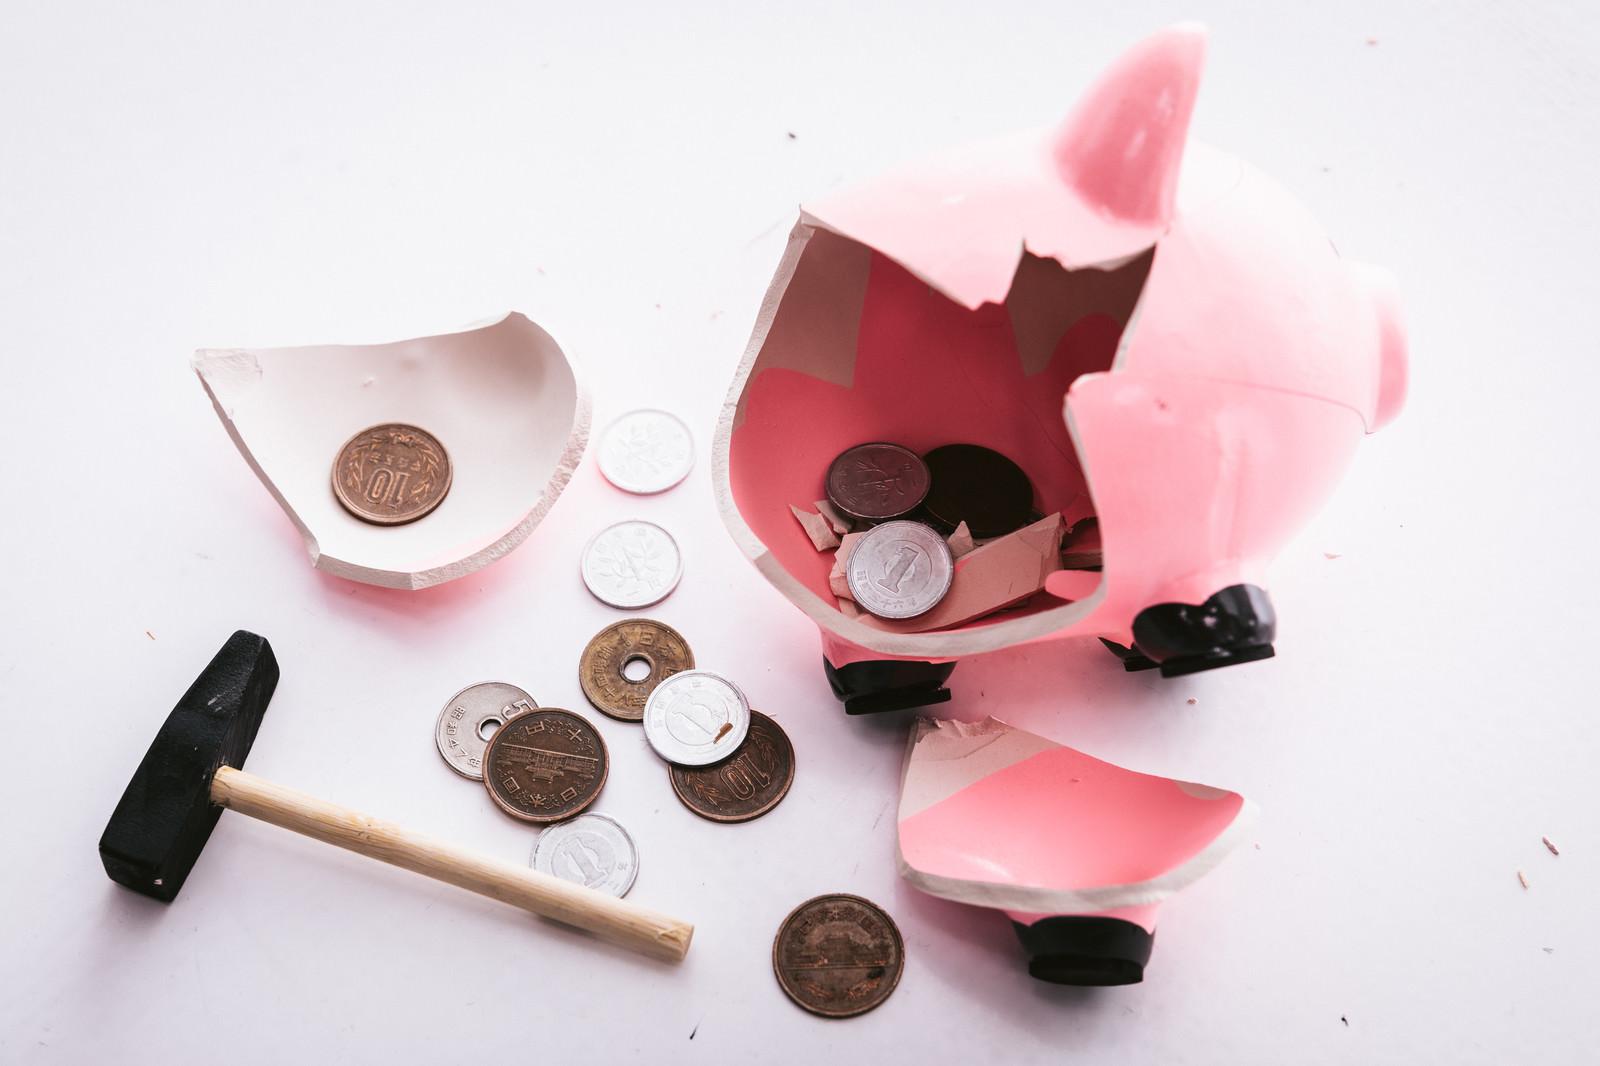 「貯金箱をぶっ壊す」の写真